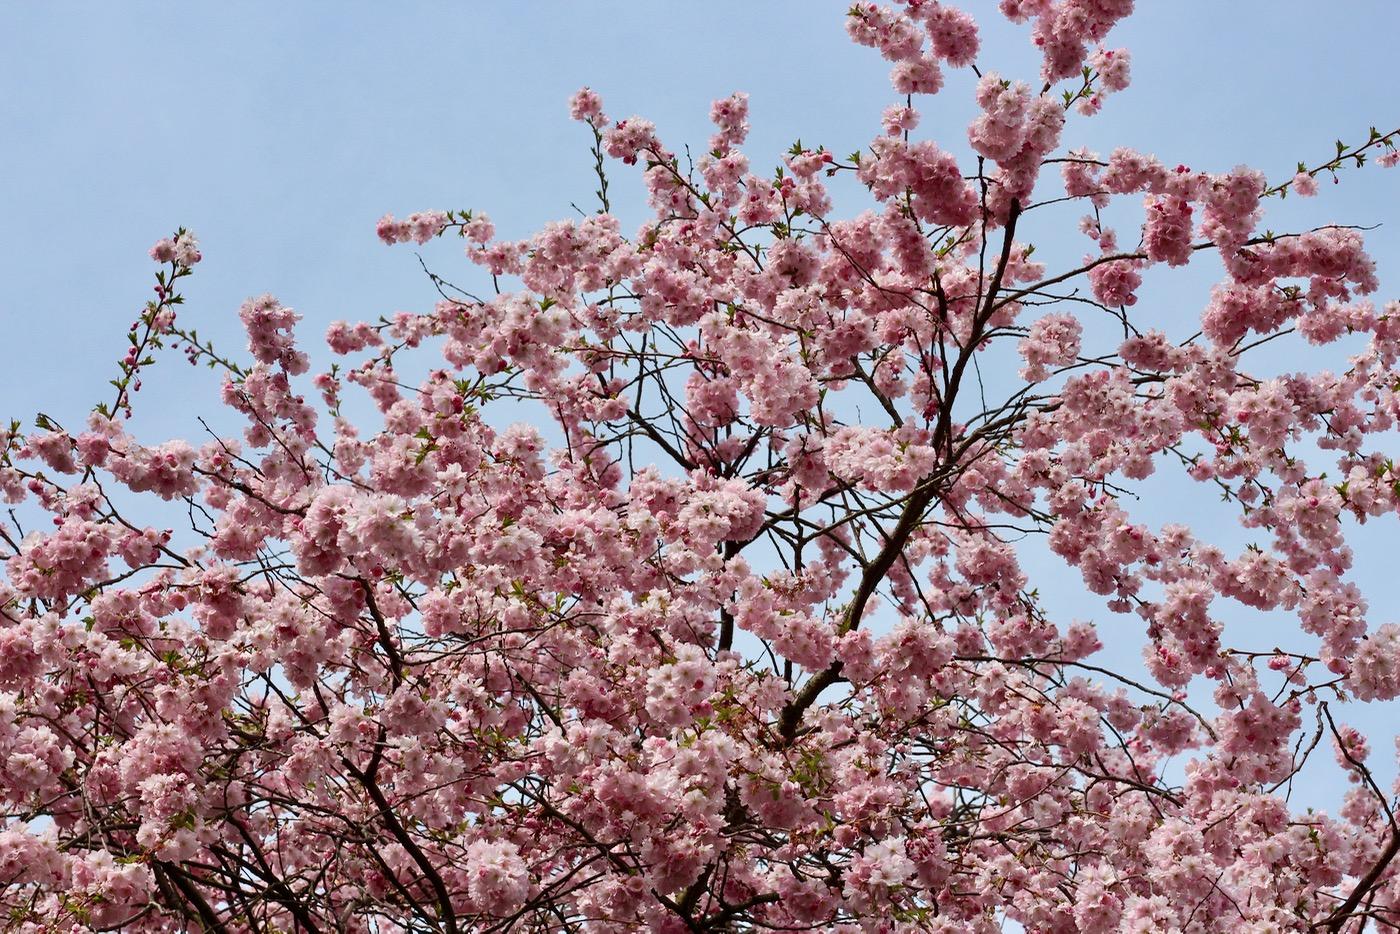 Hallo ihr Lieben, die Kirschblütenblätter fallen, die Bäume färben sich von rosa zu grün und endlich endlich ist der Frühling richtig da. Jedes Jahr genieße ich diese Zeit so unglaublich. Im Spätsommer kann man sich immer schwer vorstellen, wie sehr einem Wiesen, Bäume und Wärme im Winter wieder fehlen werden - und wie lange es dauert, bis man all das wieder hat. Als letzte Woche noch alles in voller Blüte stand, machten wir einen kleinen Ausflug zu Planten un Blomen und genossen die Blütenpracht im japanischen Garten. Planten un Blomen ist rund ums Jahr einen Besuch wert, doch diese paar Tage Anfang April sind einfach etwas ganz Besonderes. Also habe ich euch mitgenommen, zu Rotköpfchens Hamburg #4: Planten un Blomen in Kirschblütenpracht.